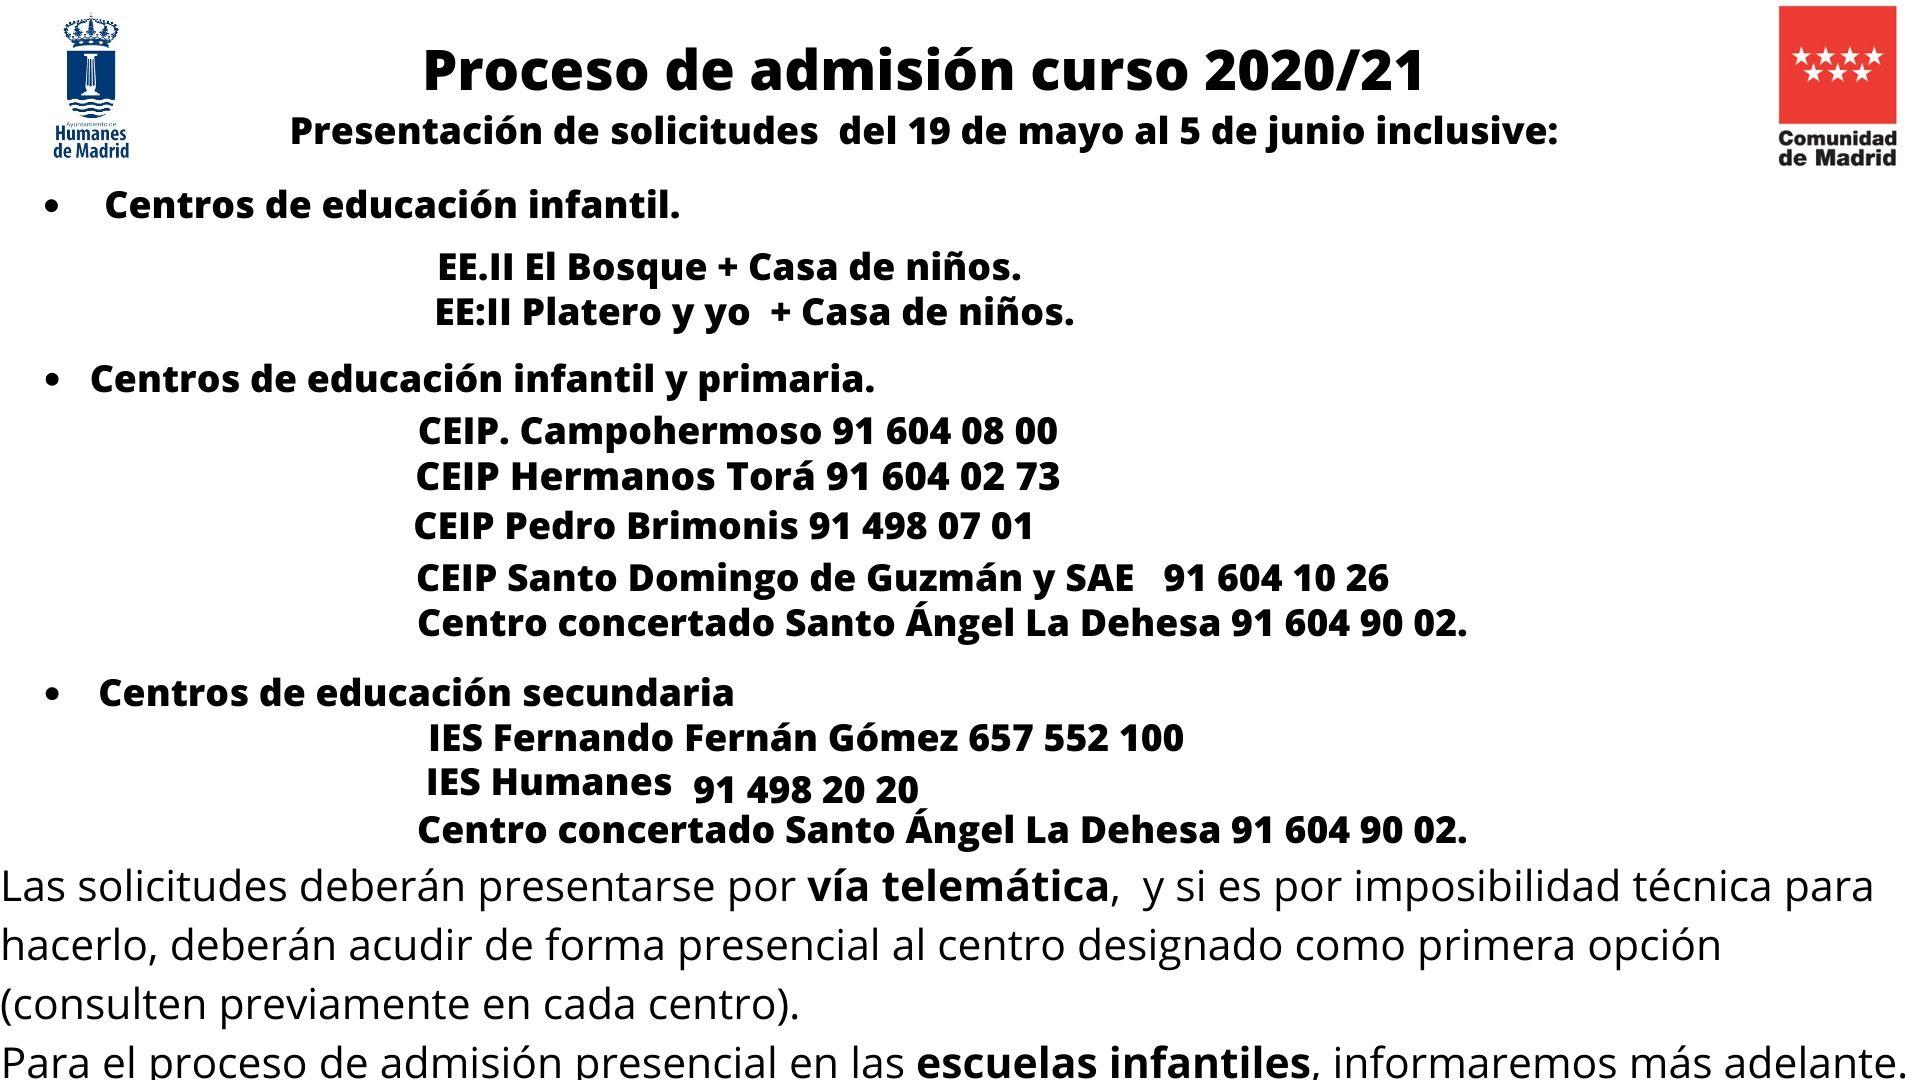 El martes 19 de mayo comienza el proceso de admisión del curso escolar 2020/2021